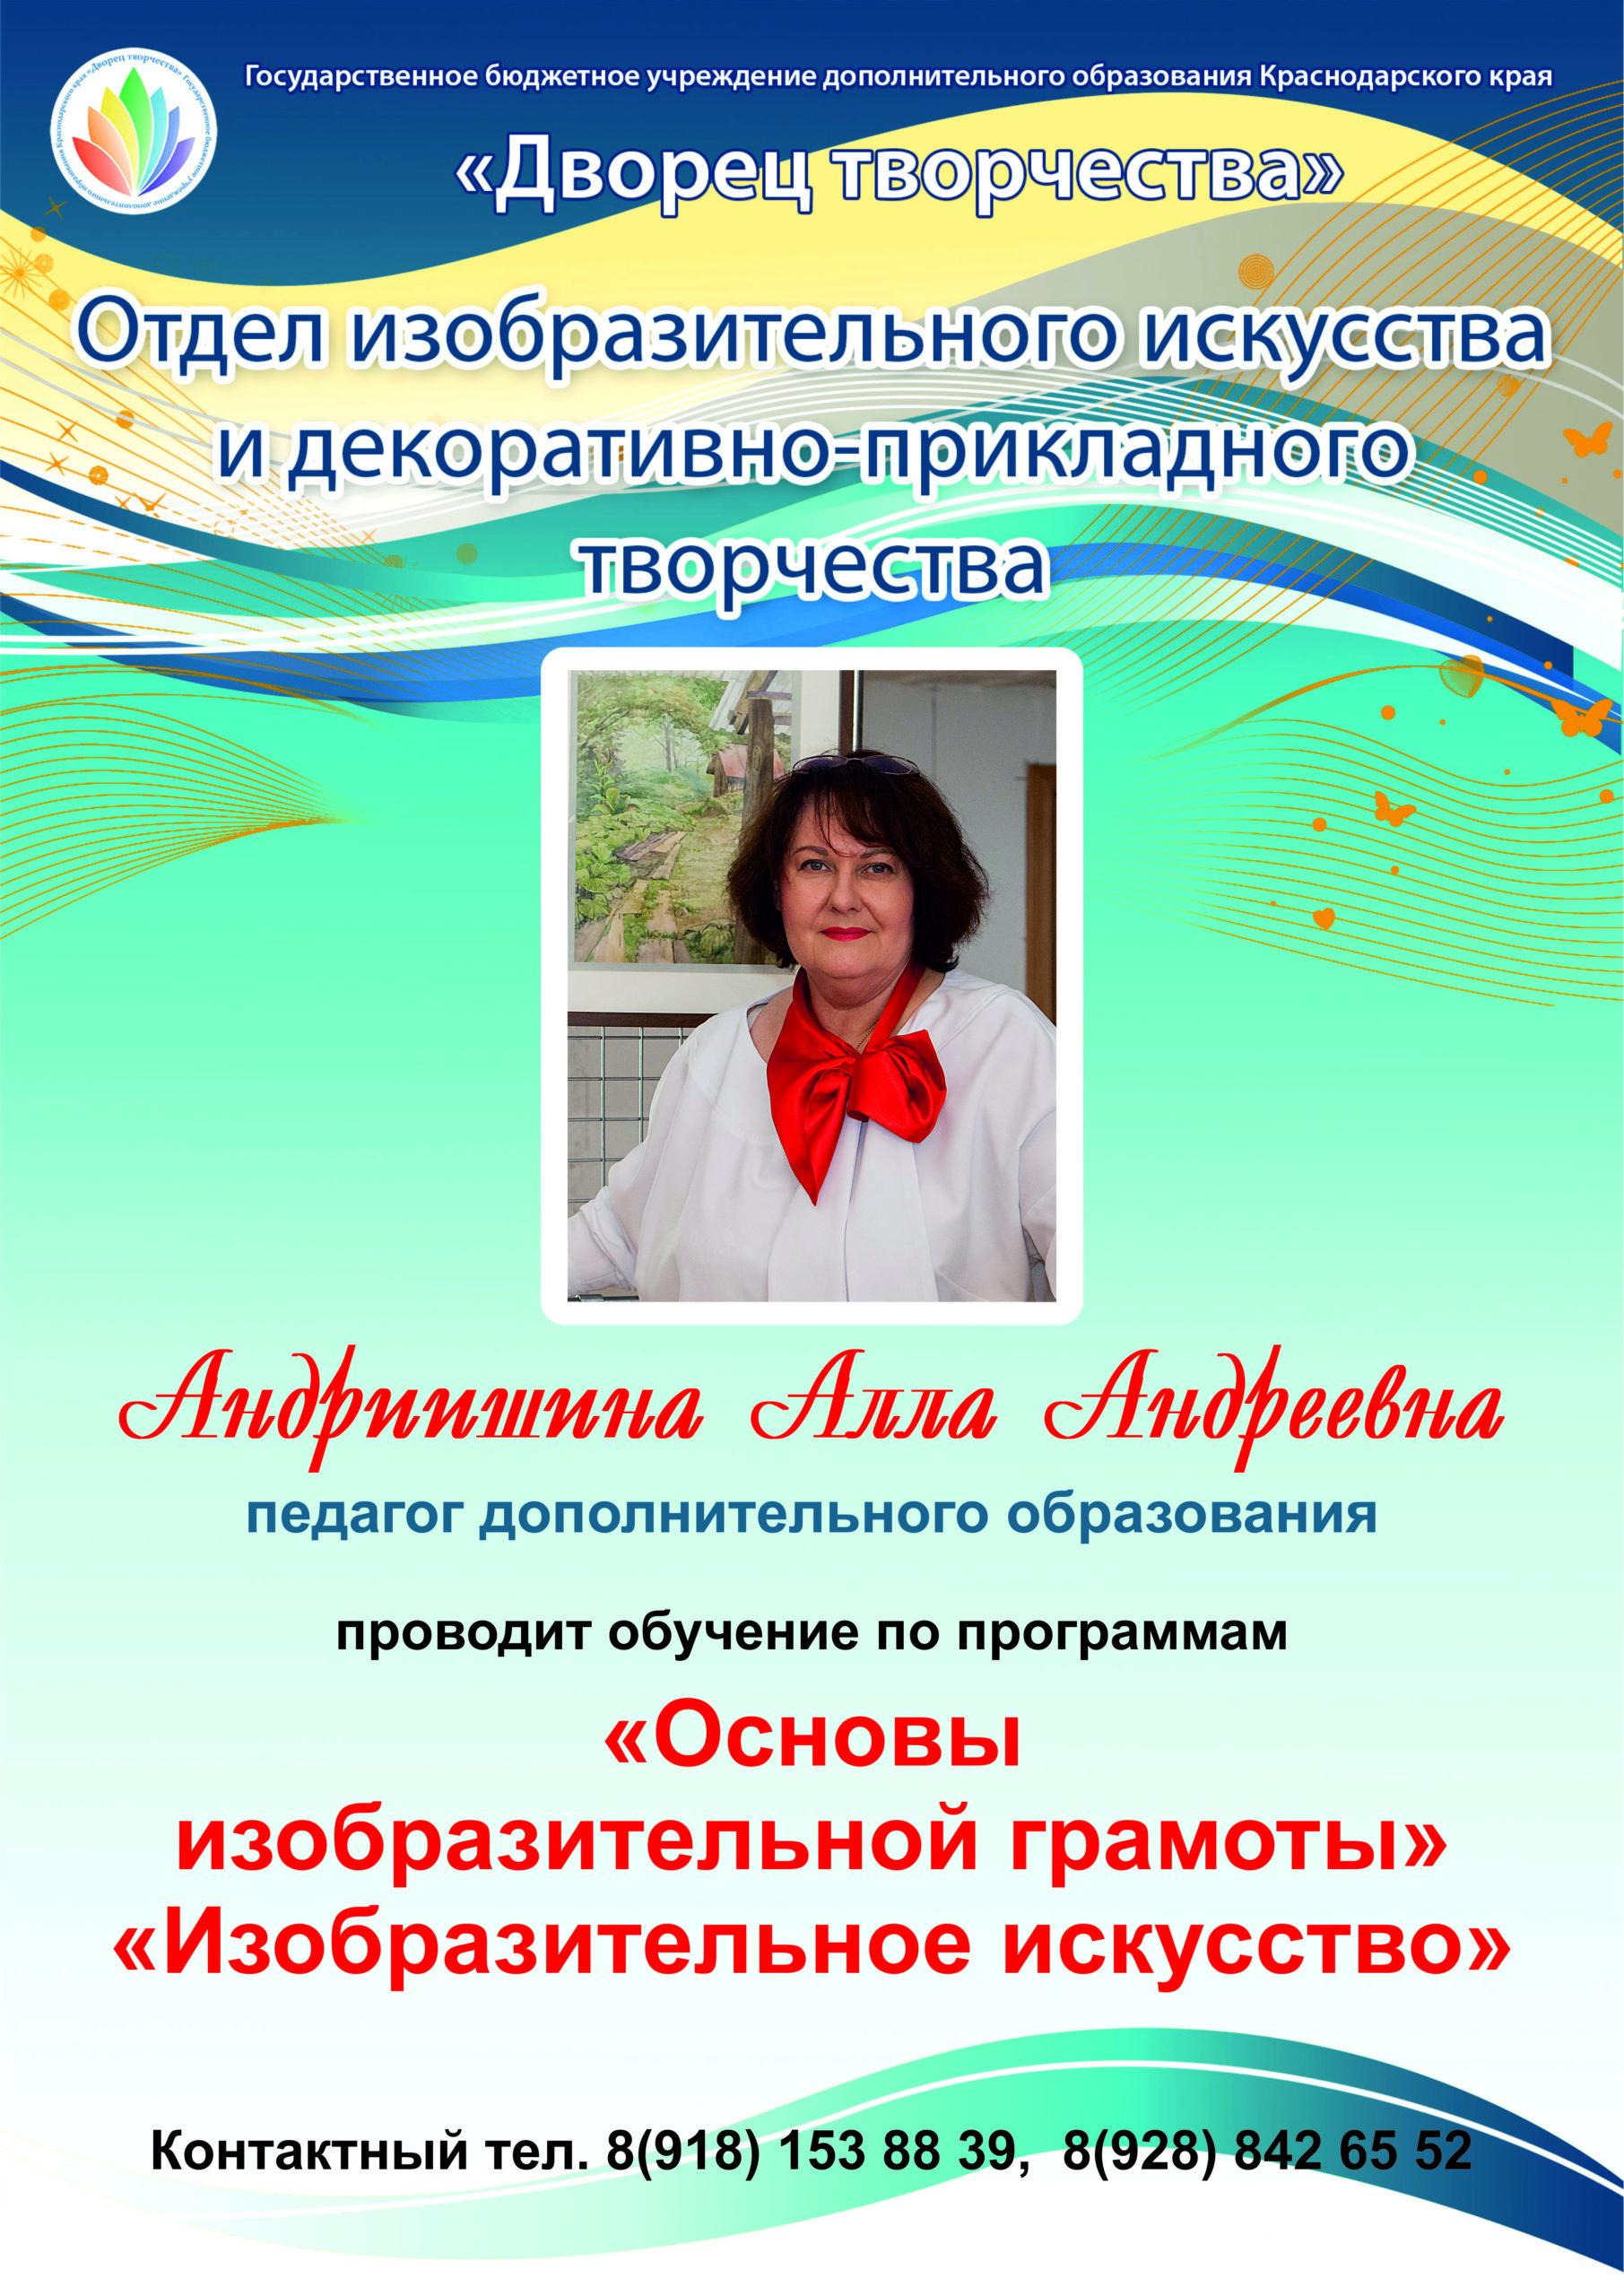 Афиша-реклама педагоги Андриишина